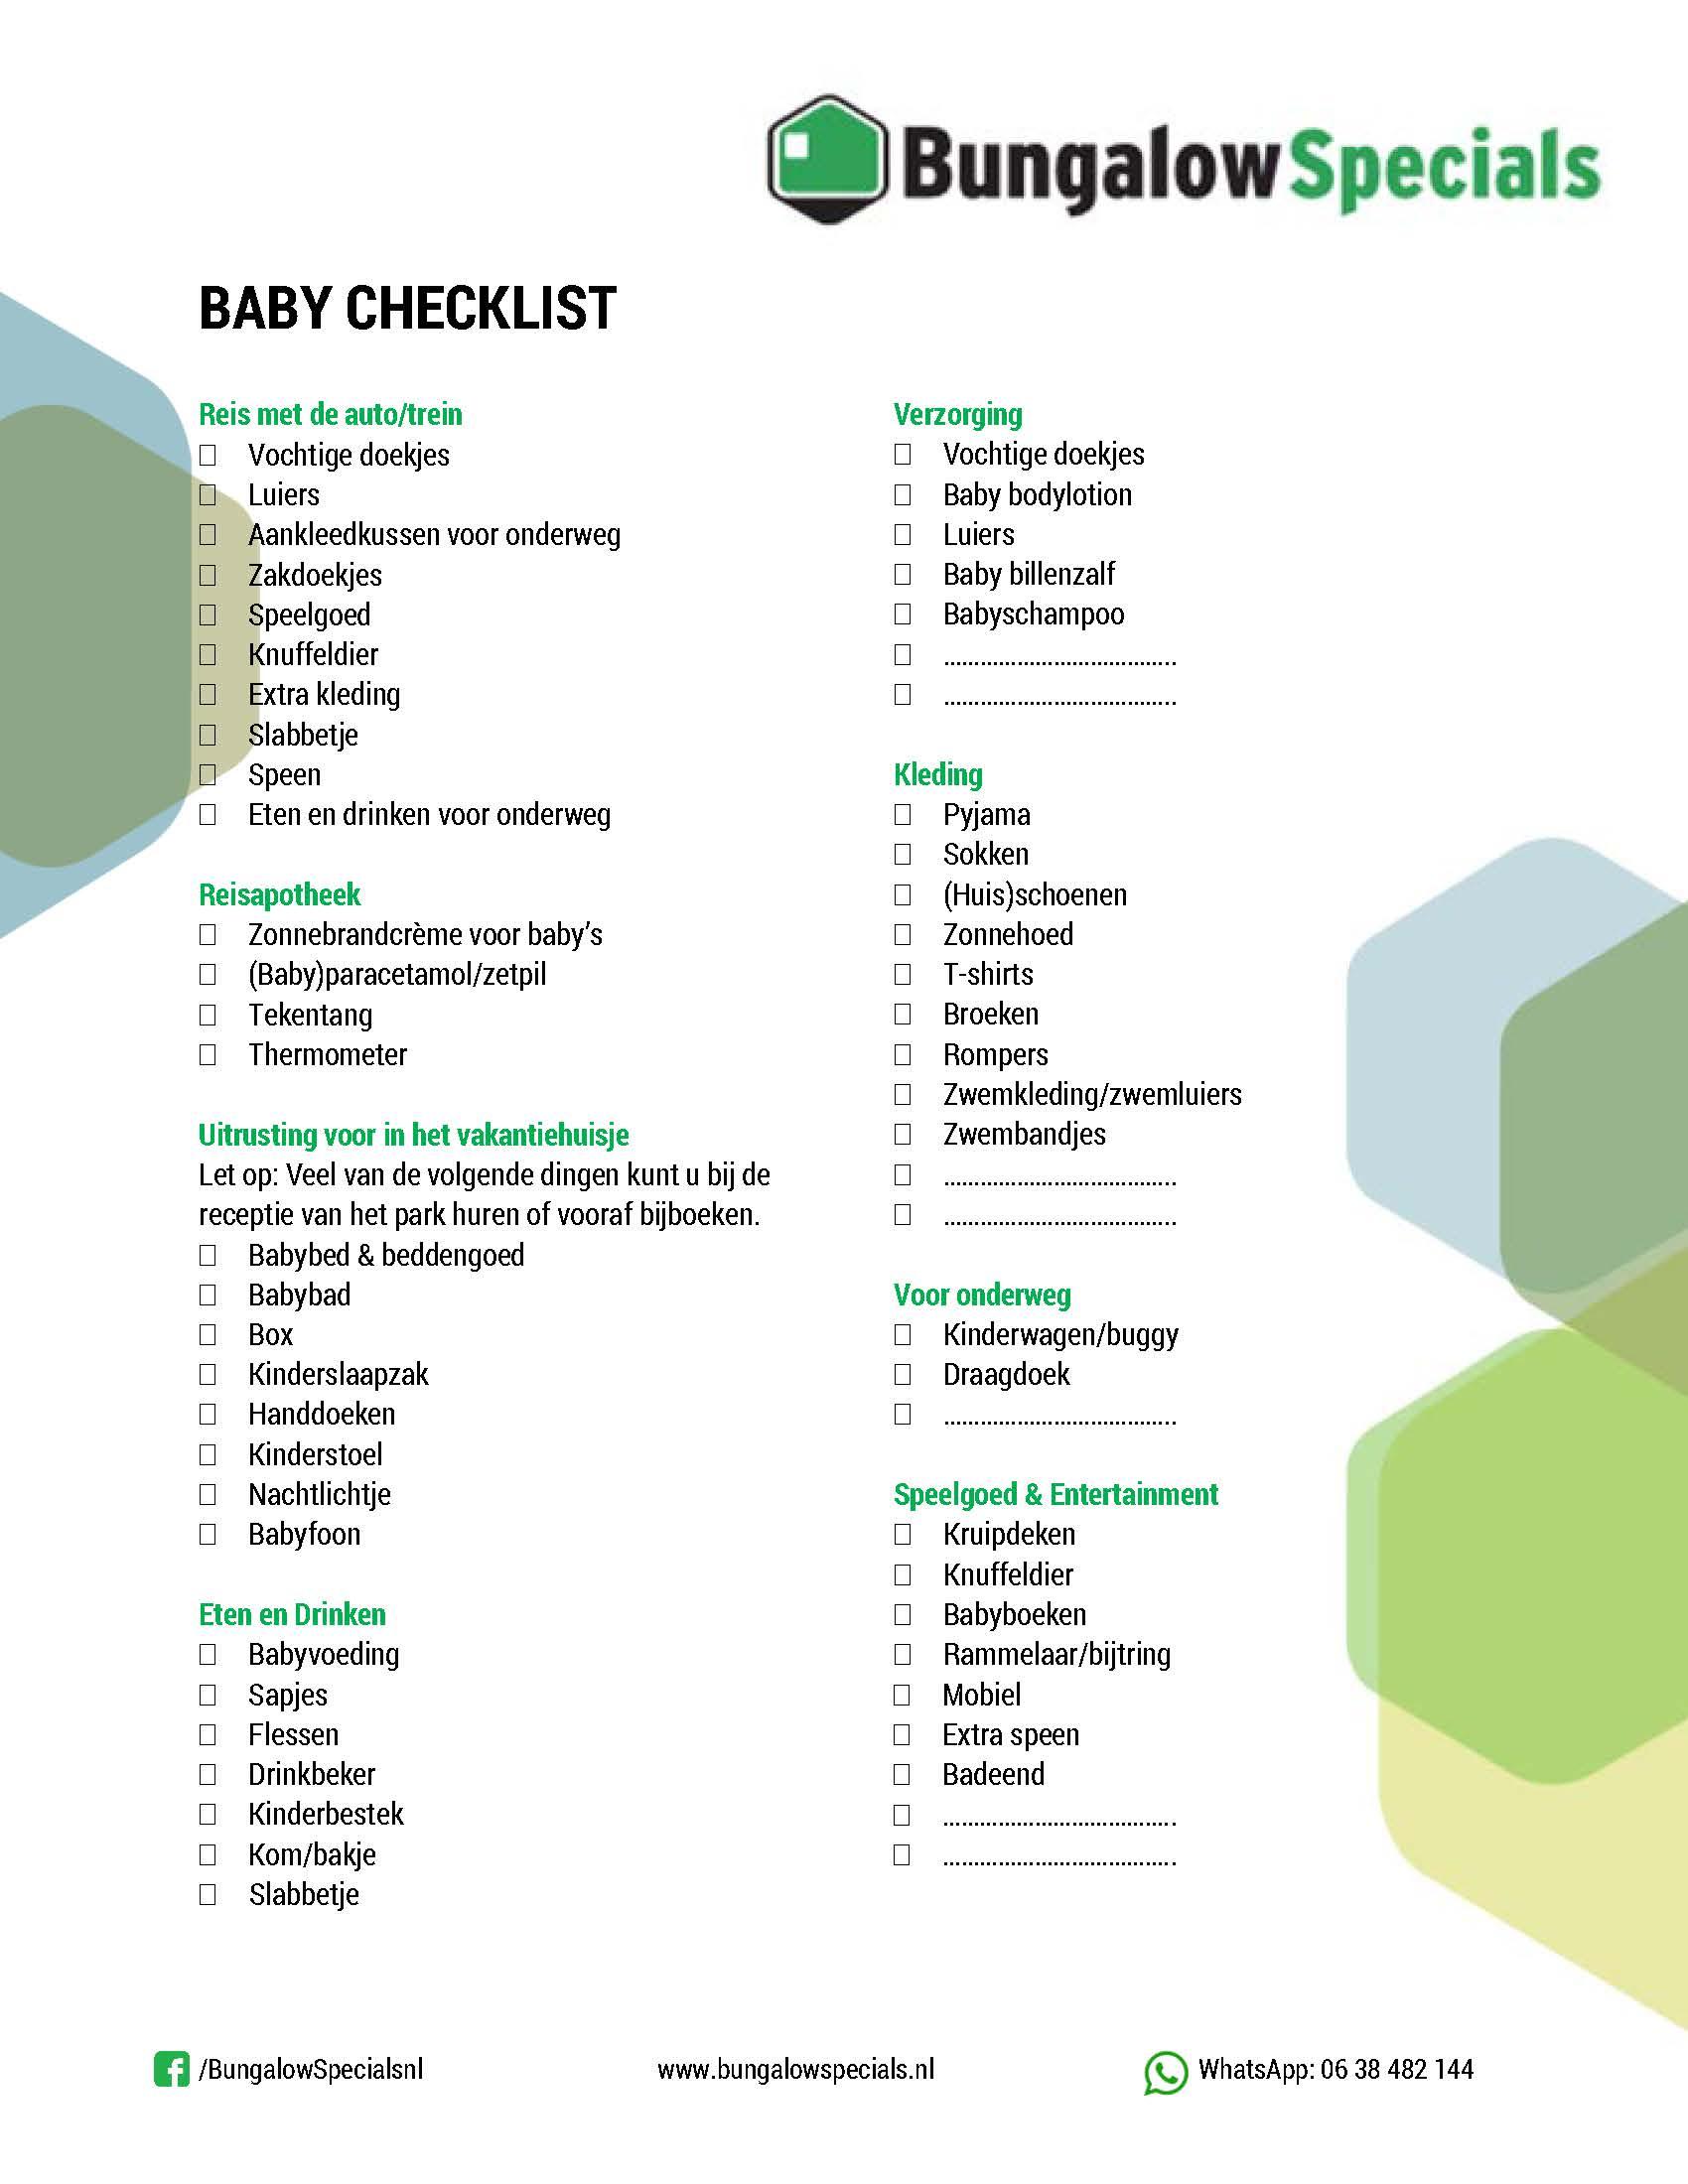 De Beste Tips En Een Uitgebreide Checklist Voor Uw Vakantie Met Baby